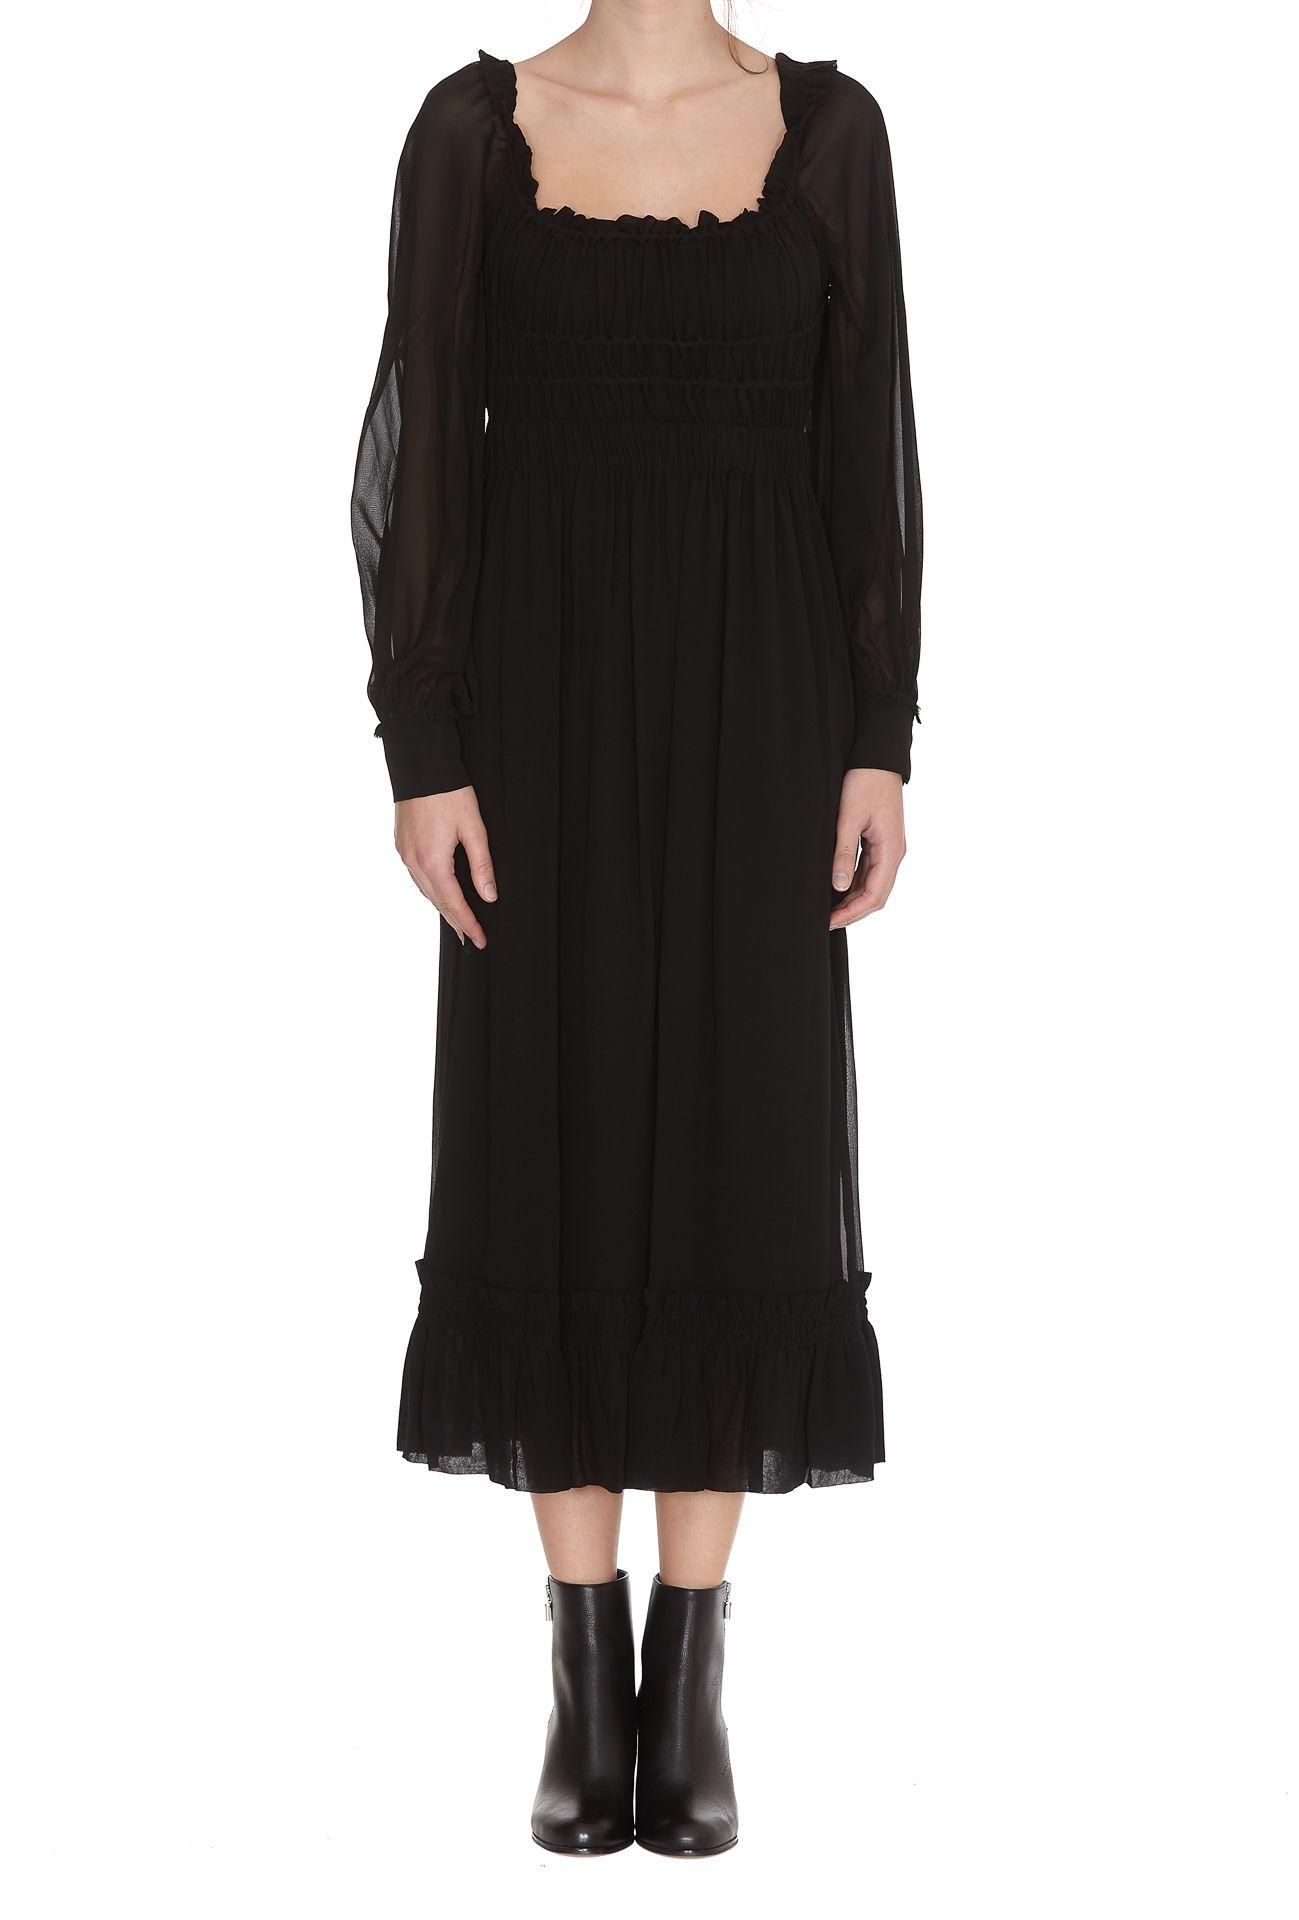 ddd9ff99d3bcb Proenza Schouler Proenza Schouler Square Neck Dress - Black ...